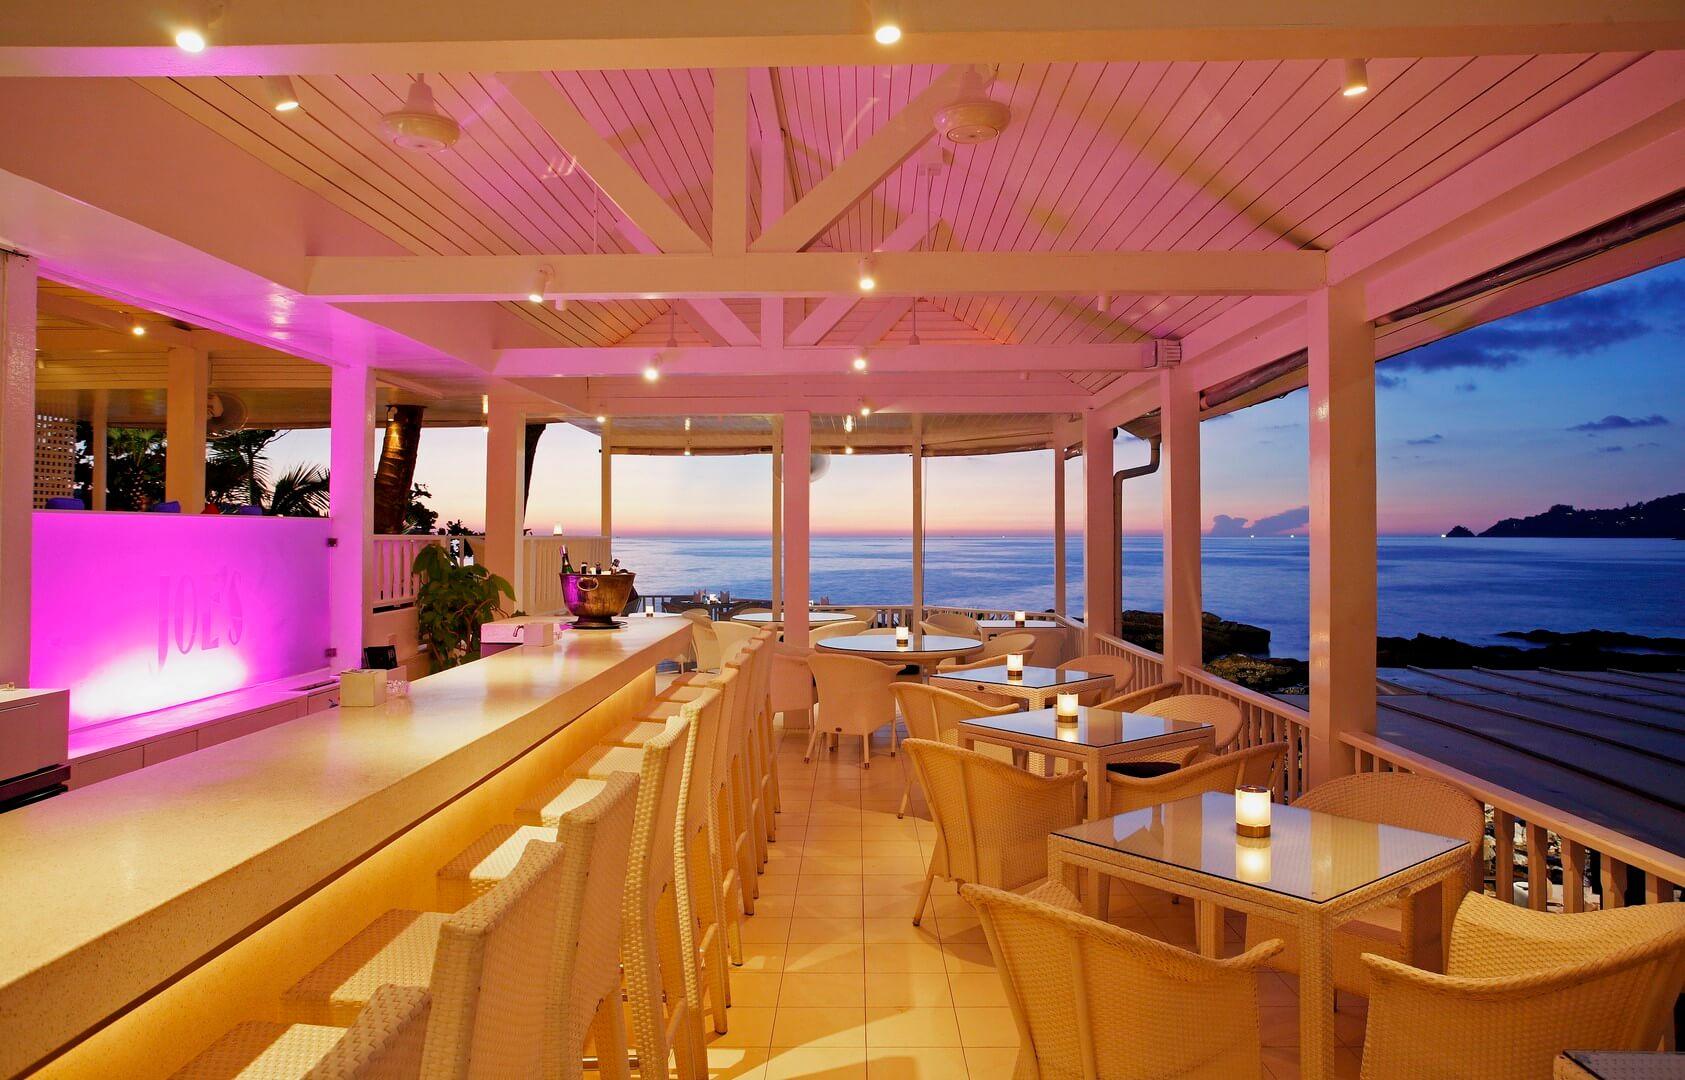 Restaurant in Phuket